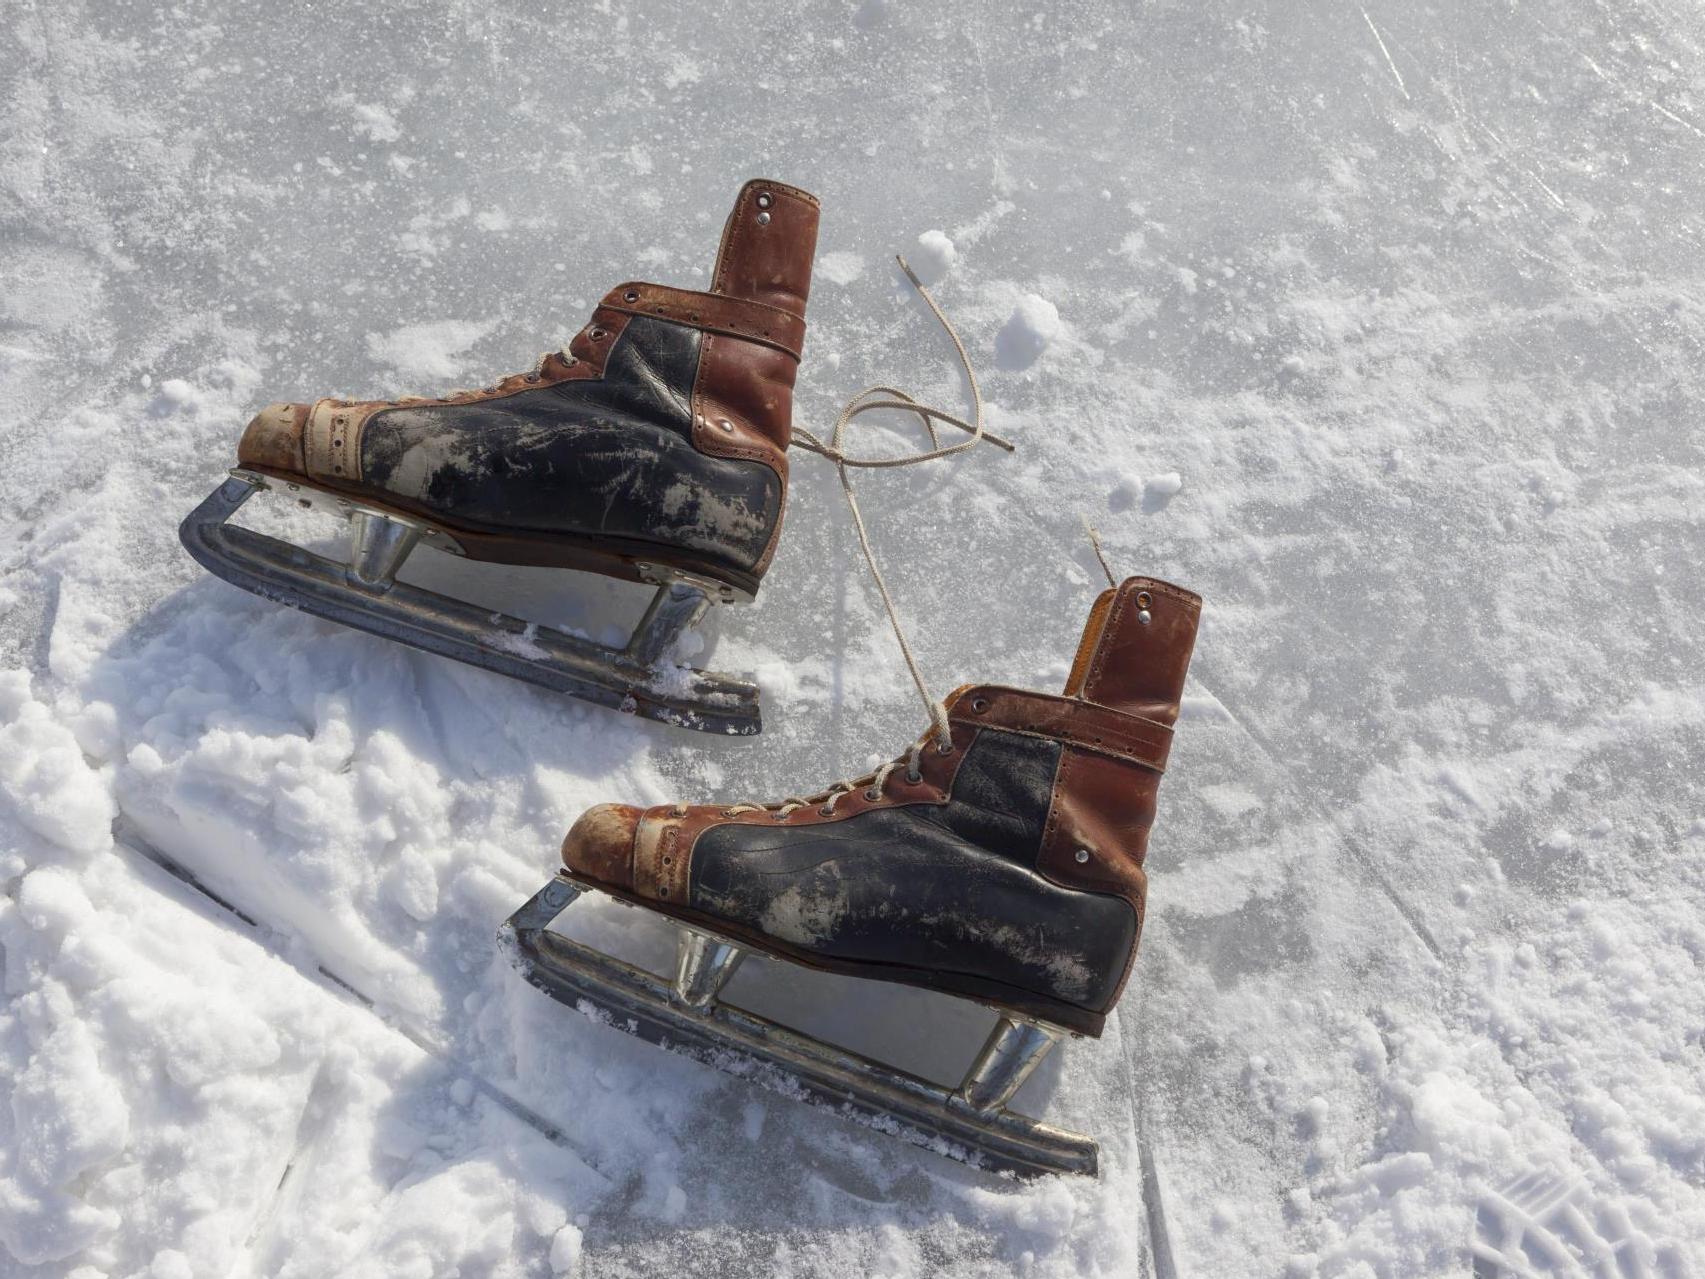 Stadio del ghiaccio Trattla